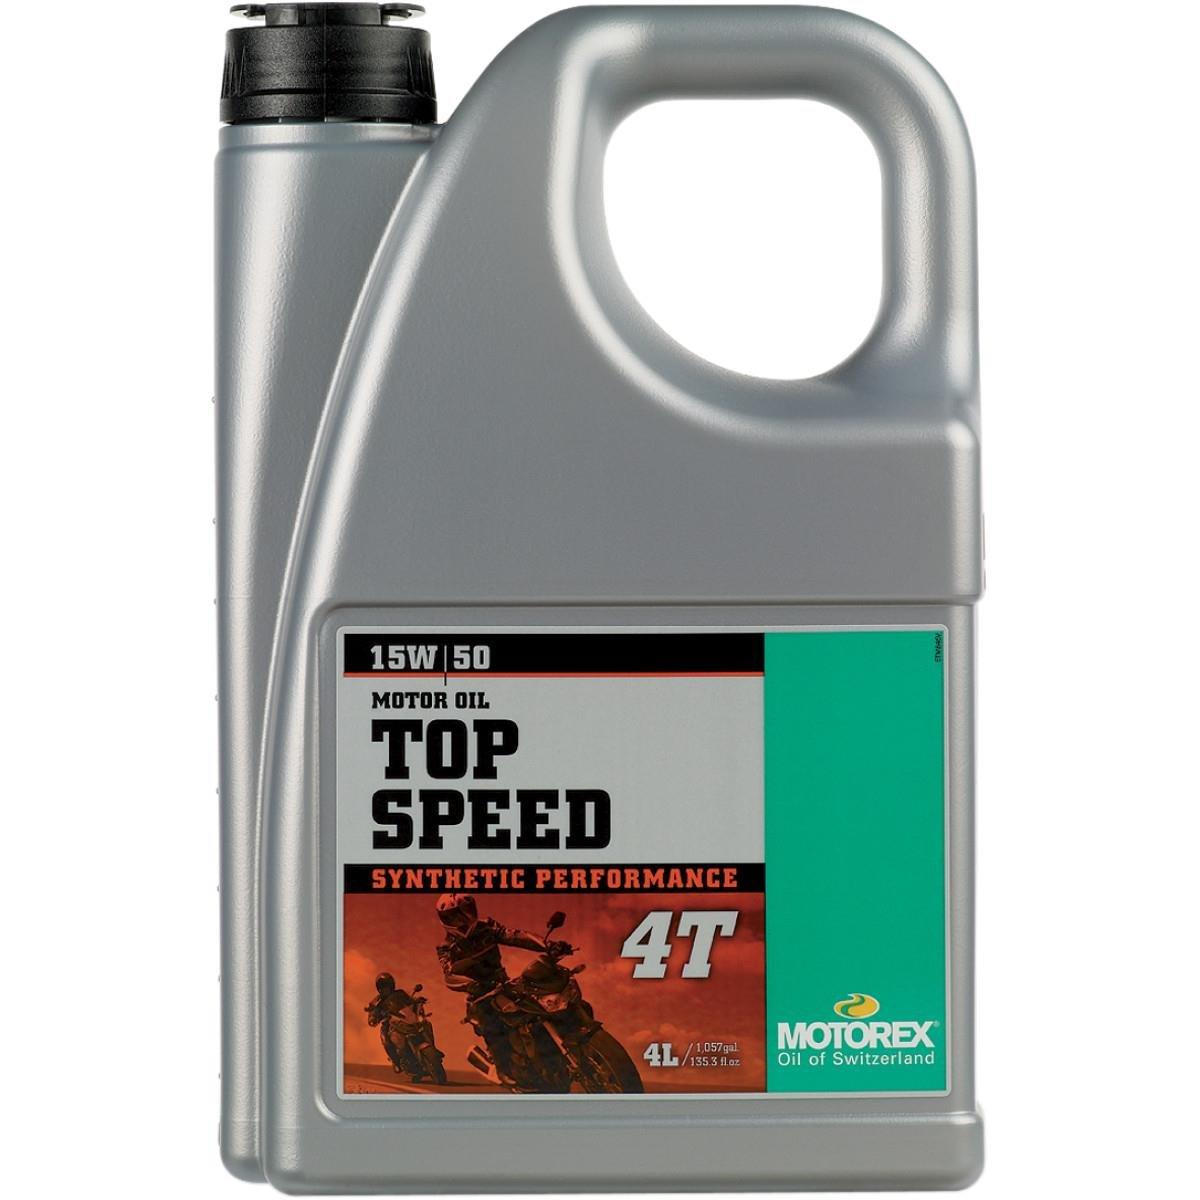 Motorex Top Speed 4T Oil - 15W50 - 4 Liter 171-435-400